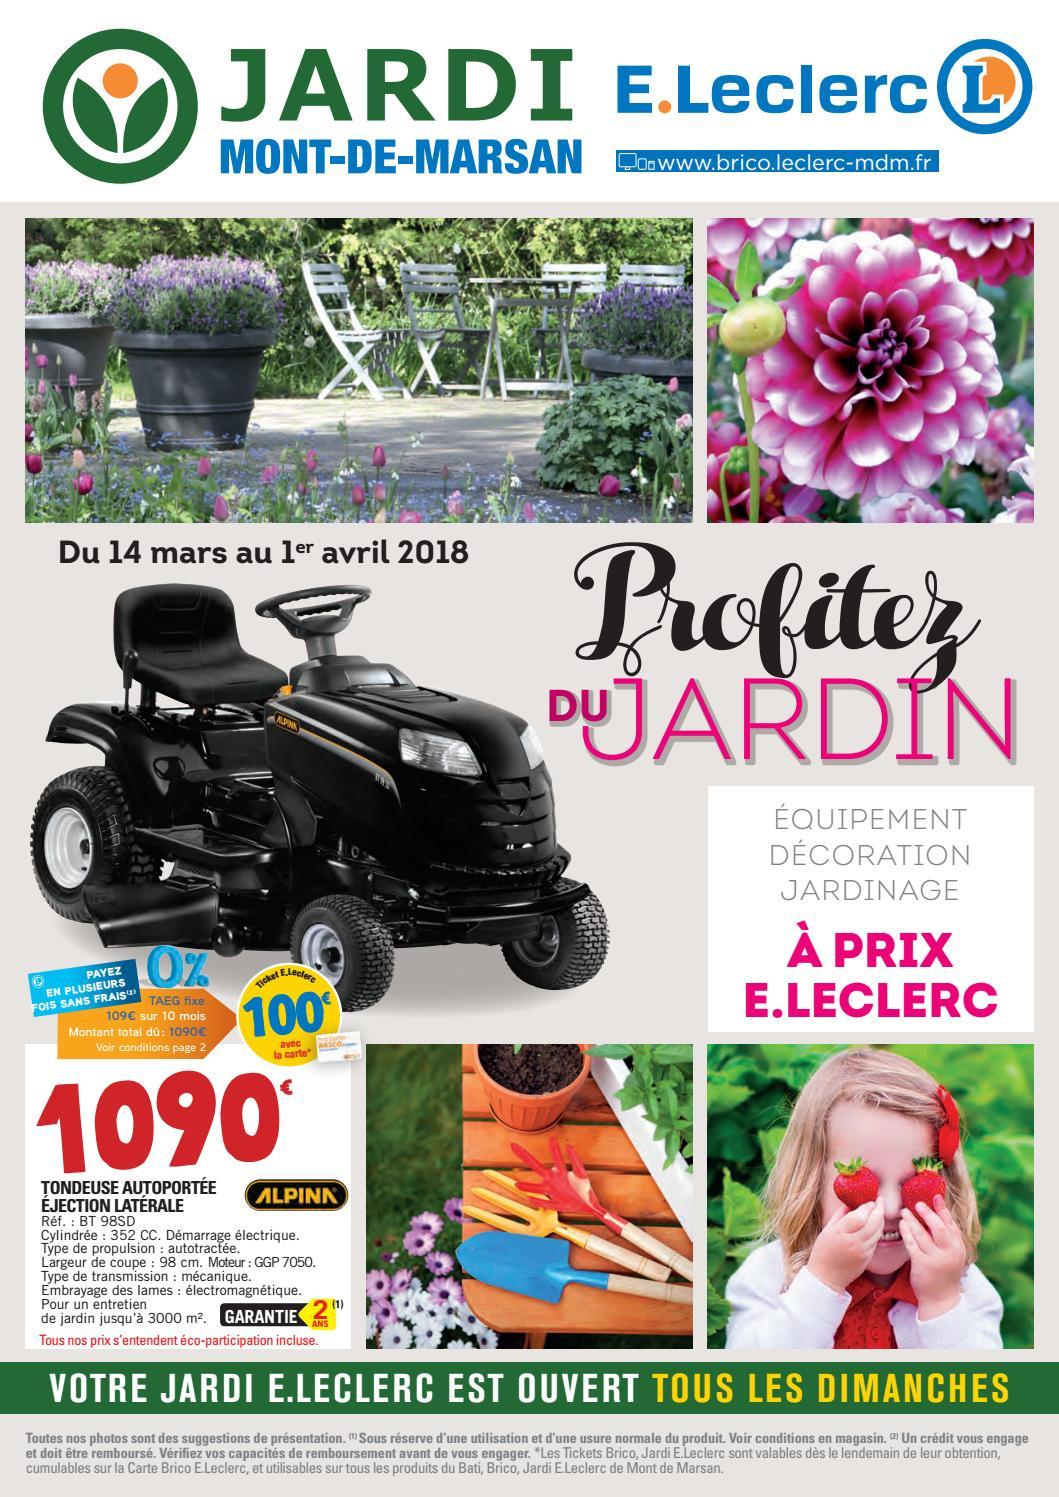 Catalogue Jardin - Jardi E.leclerc By Chou Magazine - Issuu dedans Salon De Jardin Tressé Leclerc